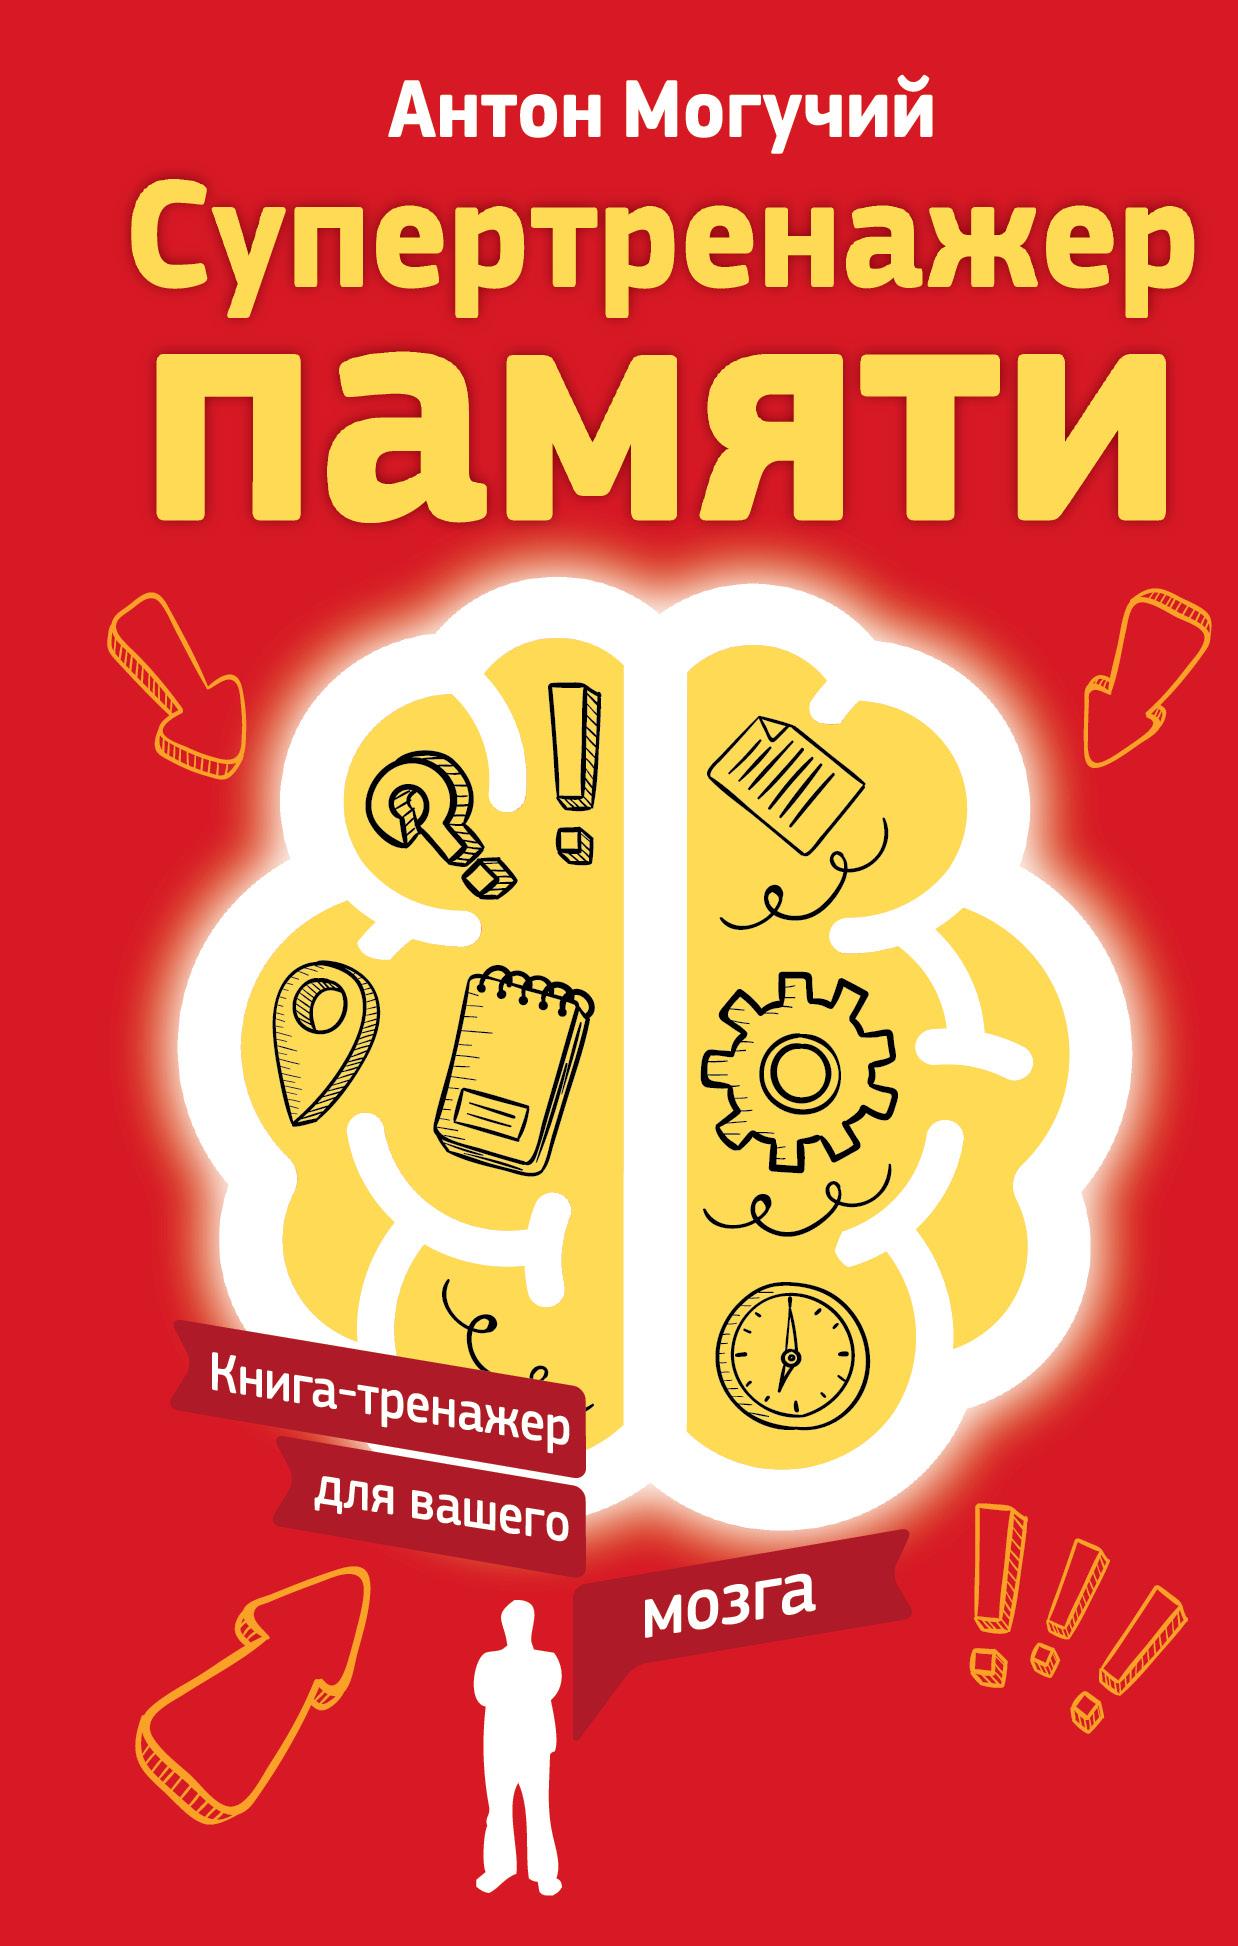 Антон Могучий «Супертренажер памяти. Книга-тренажер для вашего мозга»